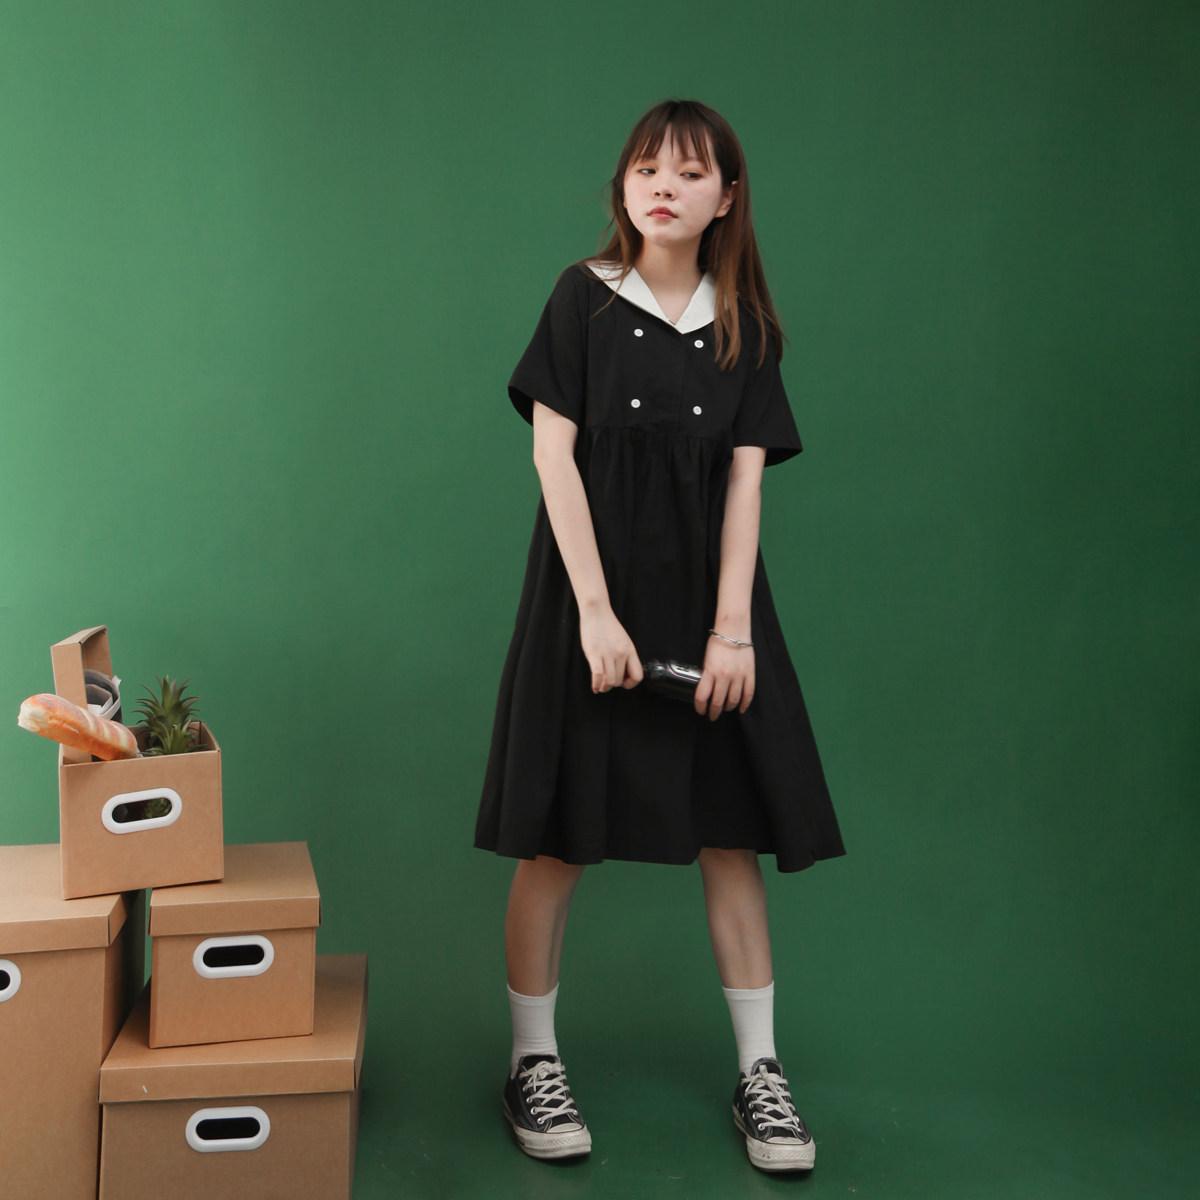 黑色赫本风桔梗小清新连衣裙女夏学生长款裙子夏季森系2020年新款